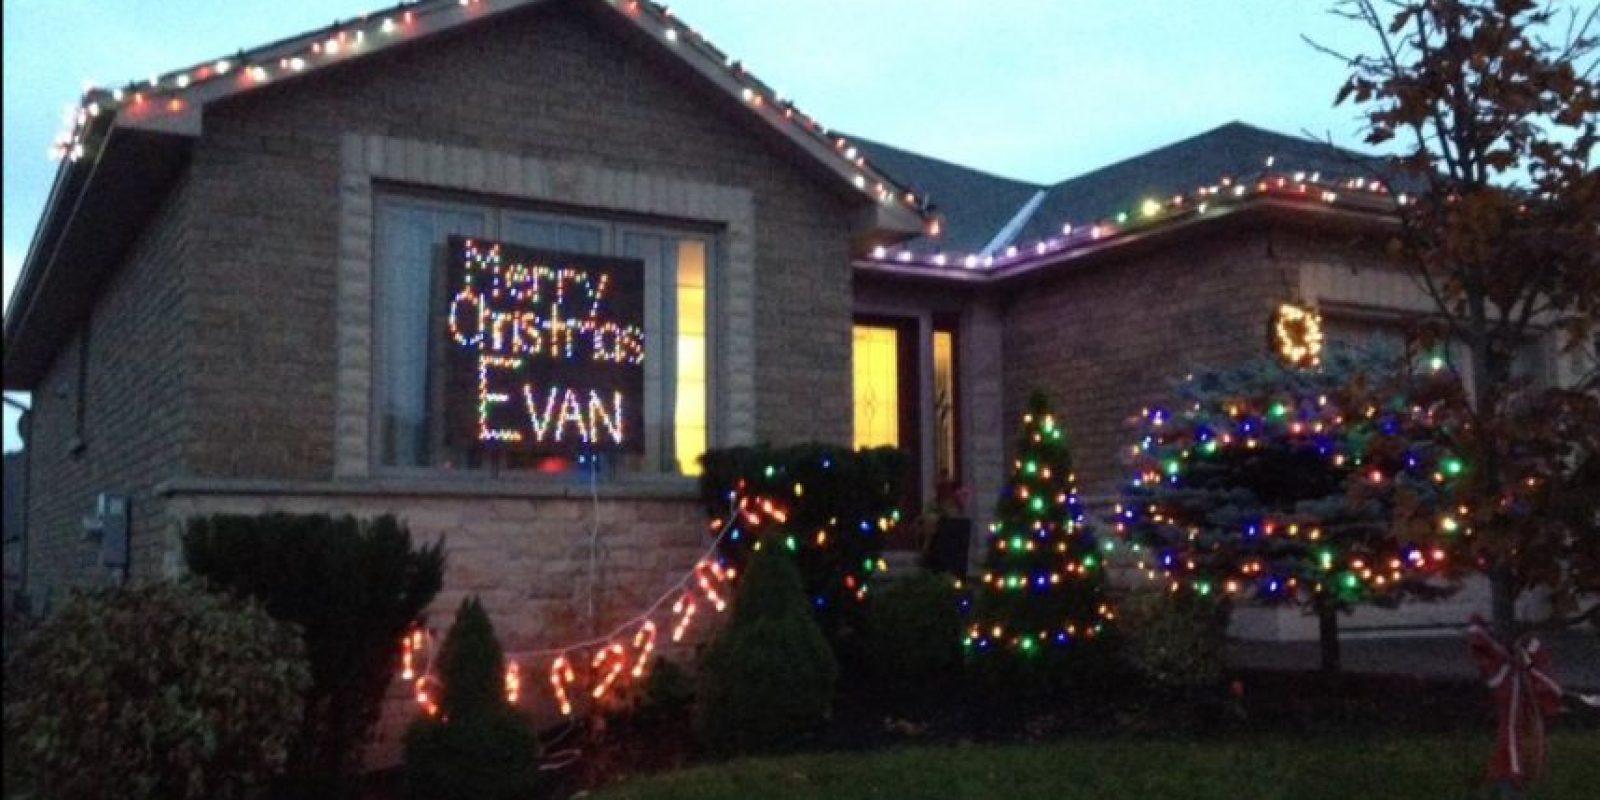 Además de organizar que la Navidad se adelantara para Evan Foto:Vía Twitter @leahjohansen